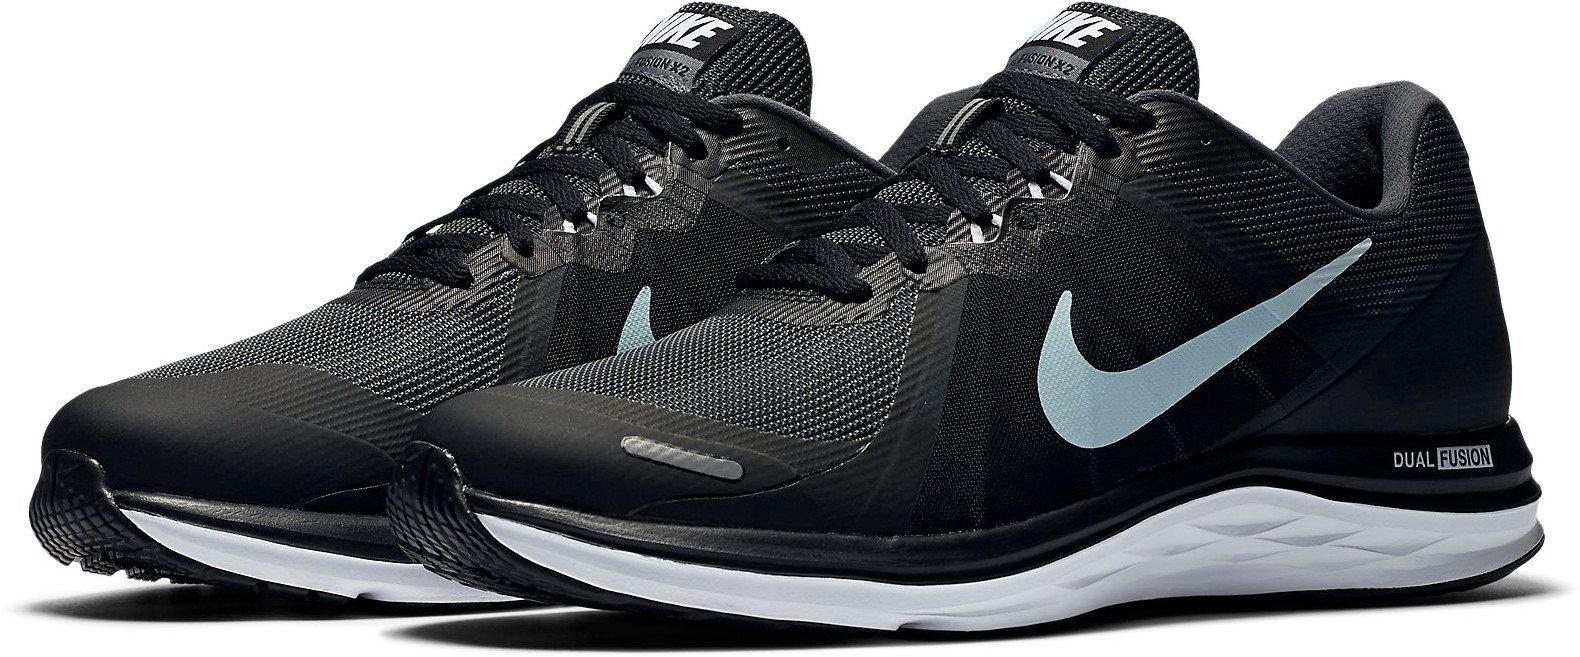 Running shoes Nike DUAL FUSION X 2